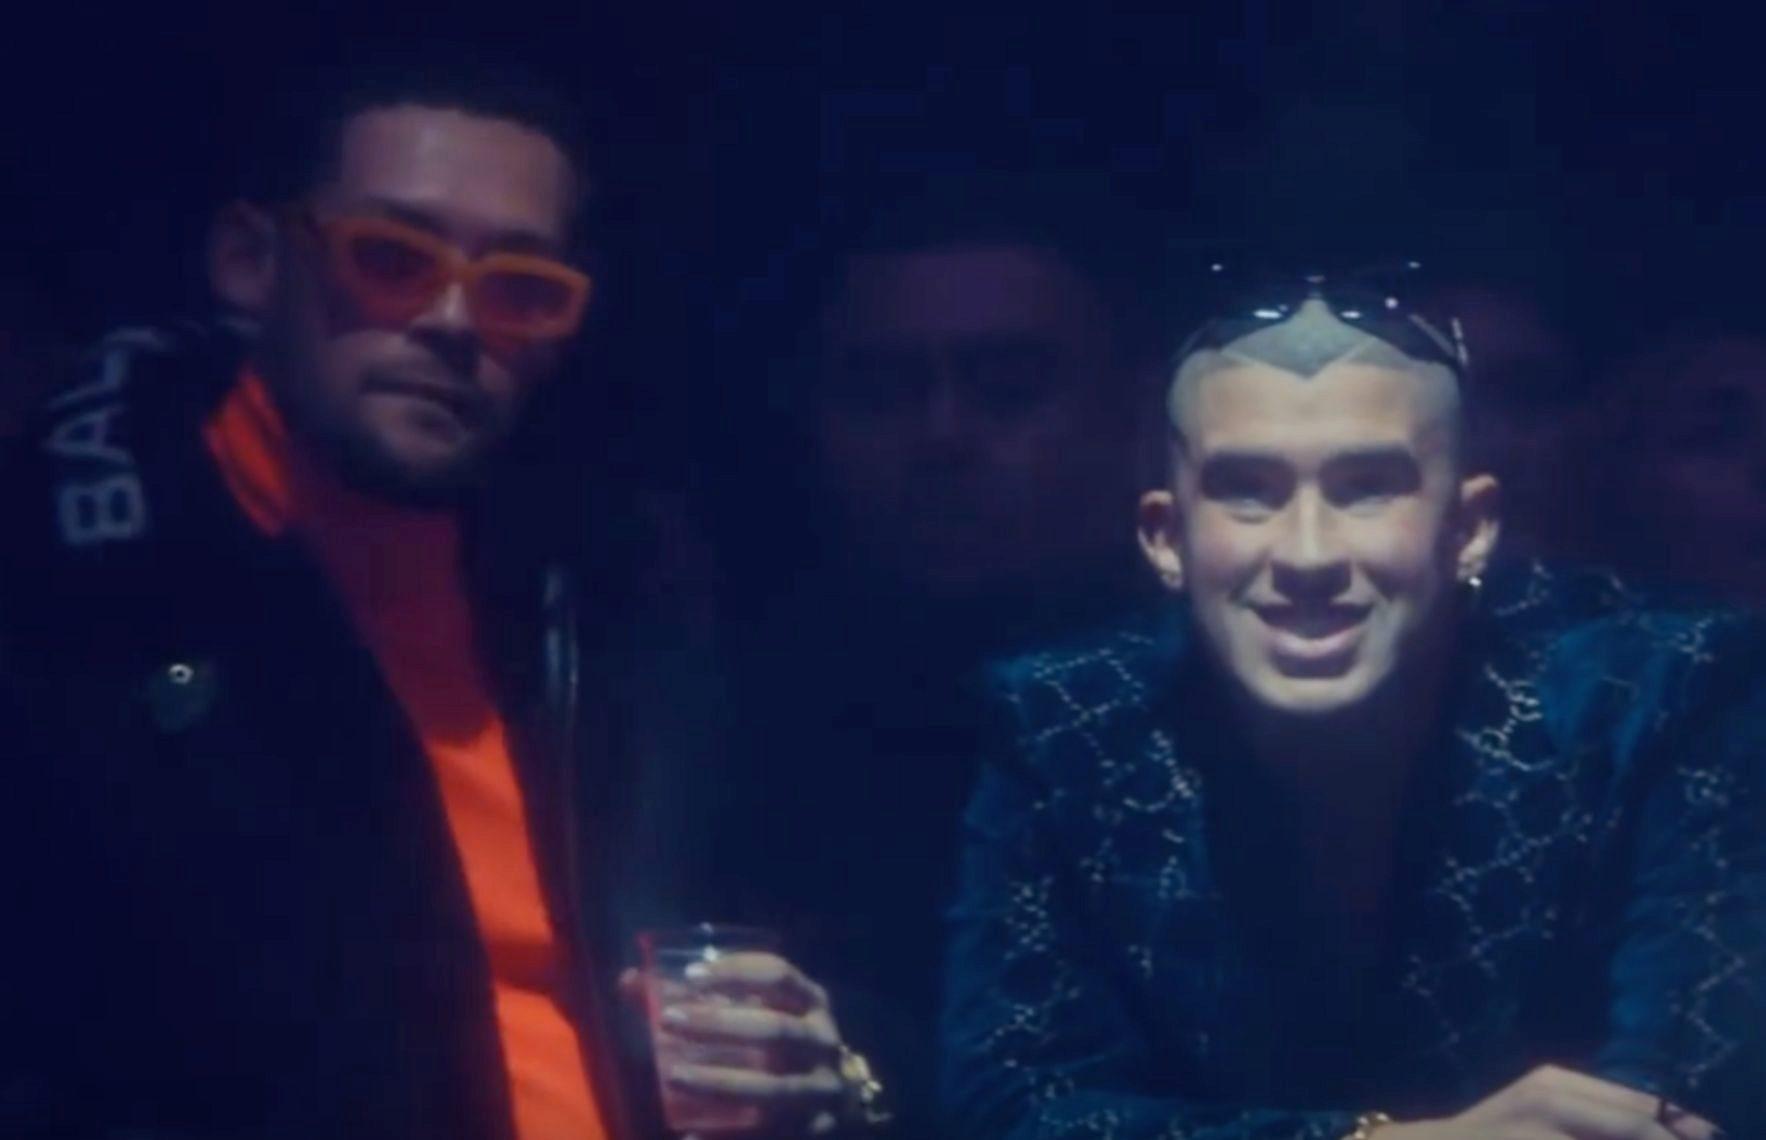 Fotograma del videoclip de Solo de mí, con Bad Bunny